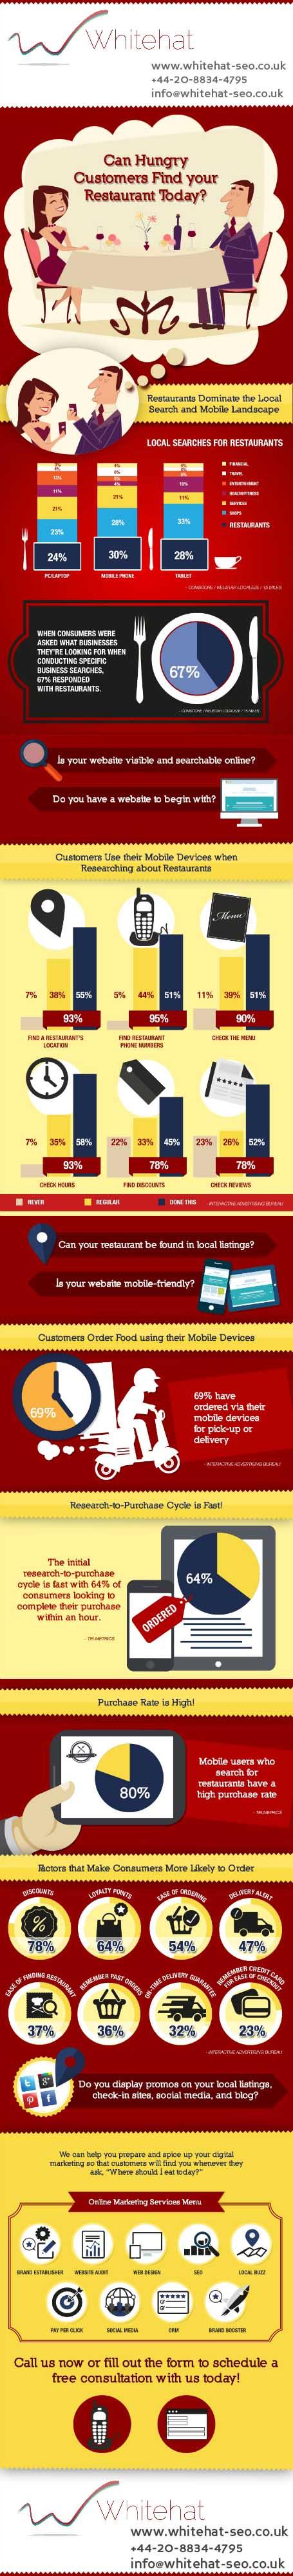 Online-Marketing-for-Restaurants-Infographic-UK